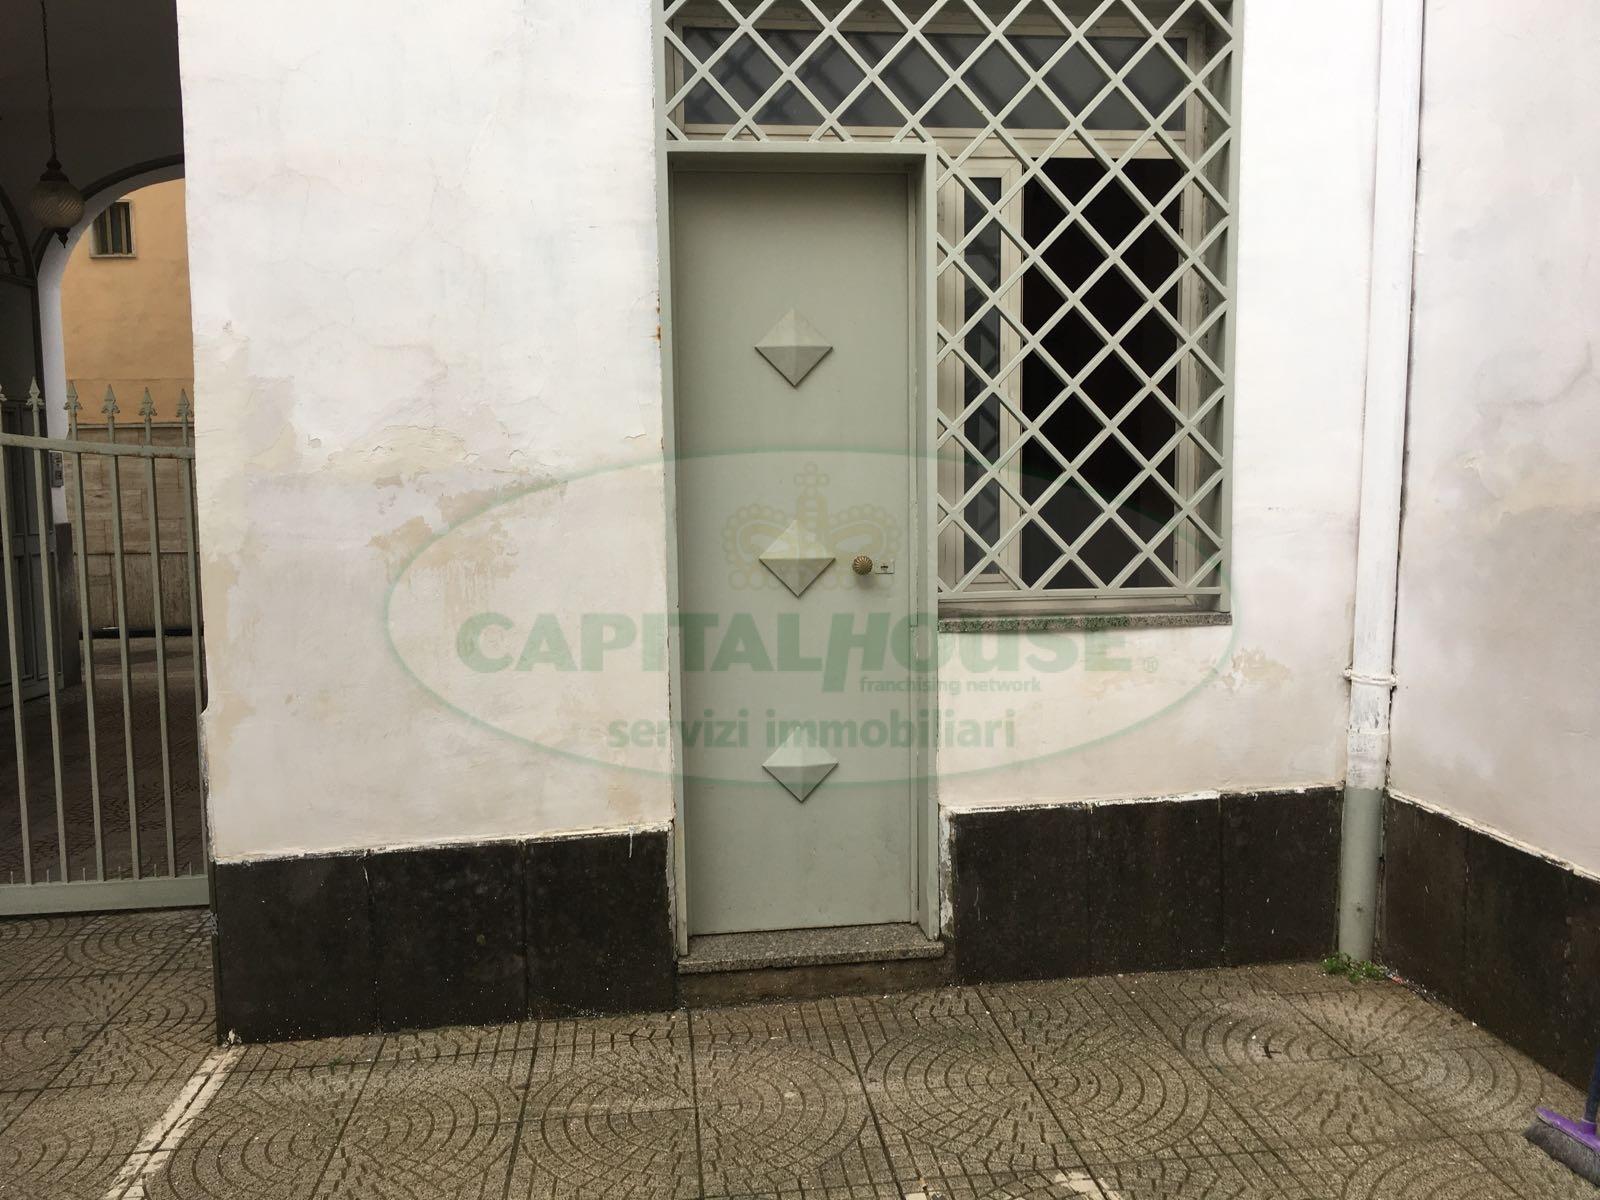 Appartamento in affitto a Afragola, 1 locali, prezzo € 200   CambioCasa.it